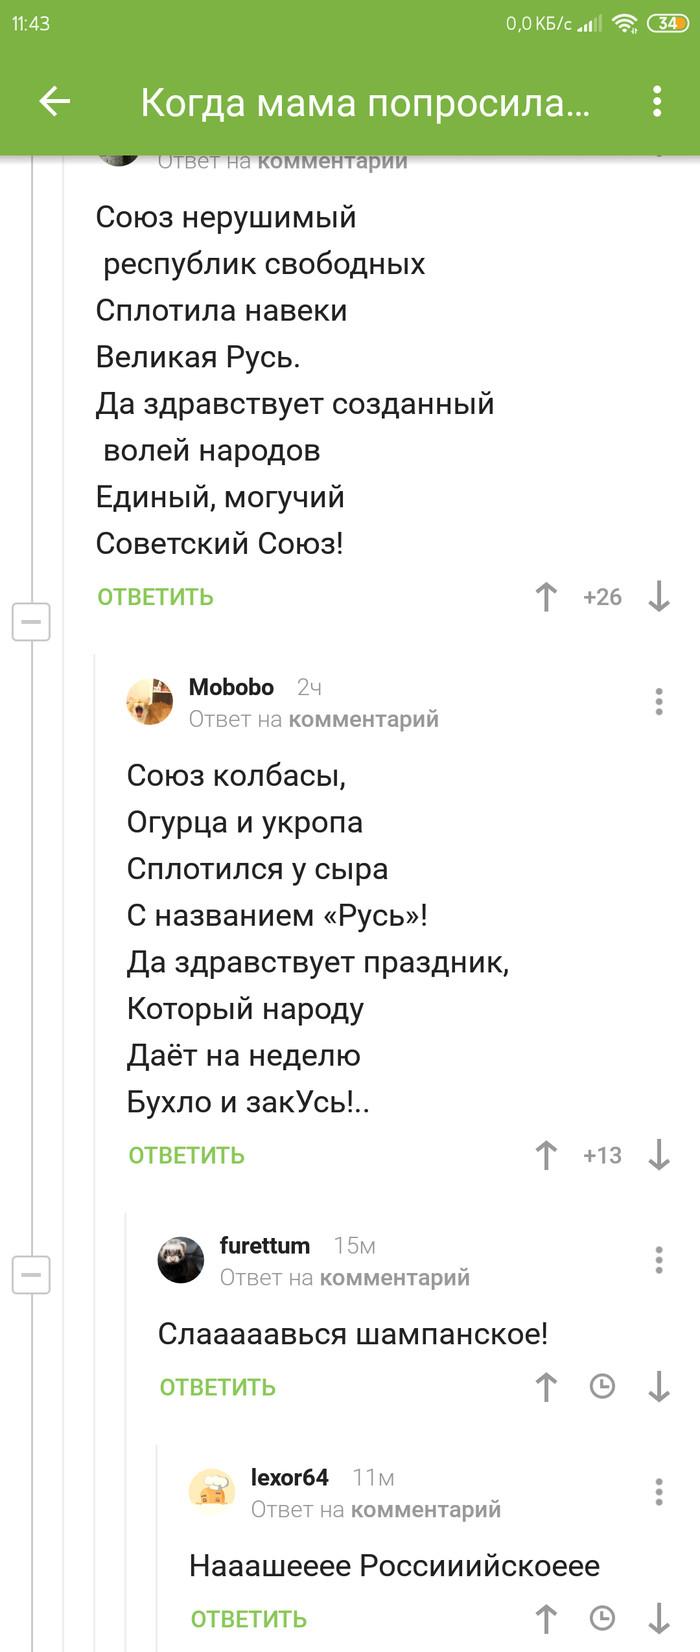 СССР Пикабу, Комментарии, Длиннопост